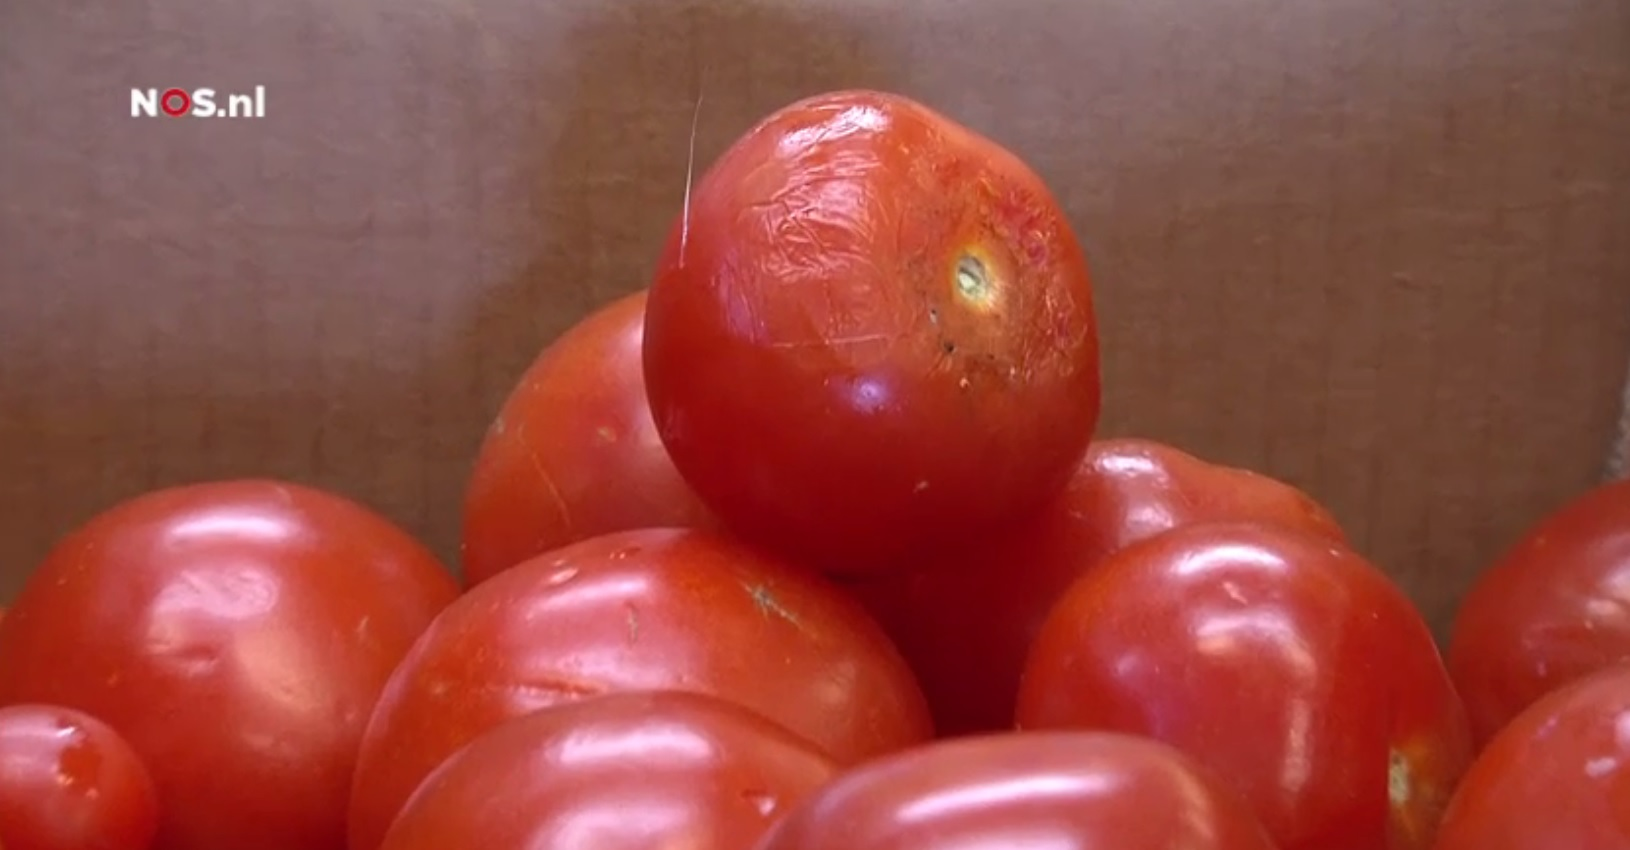 Supermarkten brouwen soep en saus van onverkochte tomaten